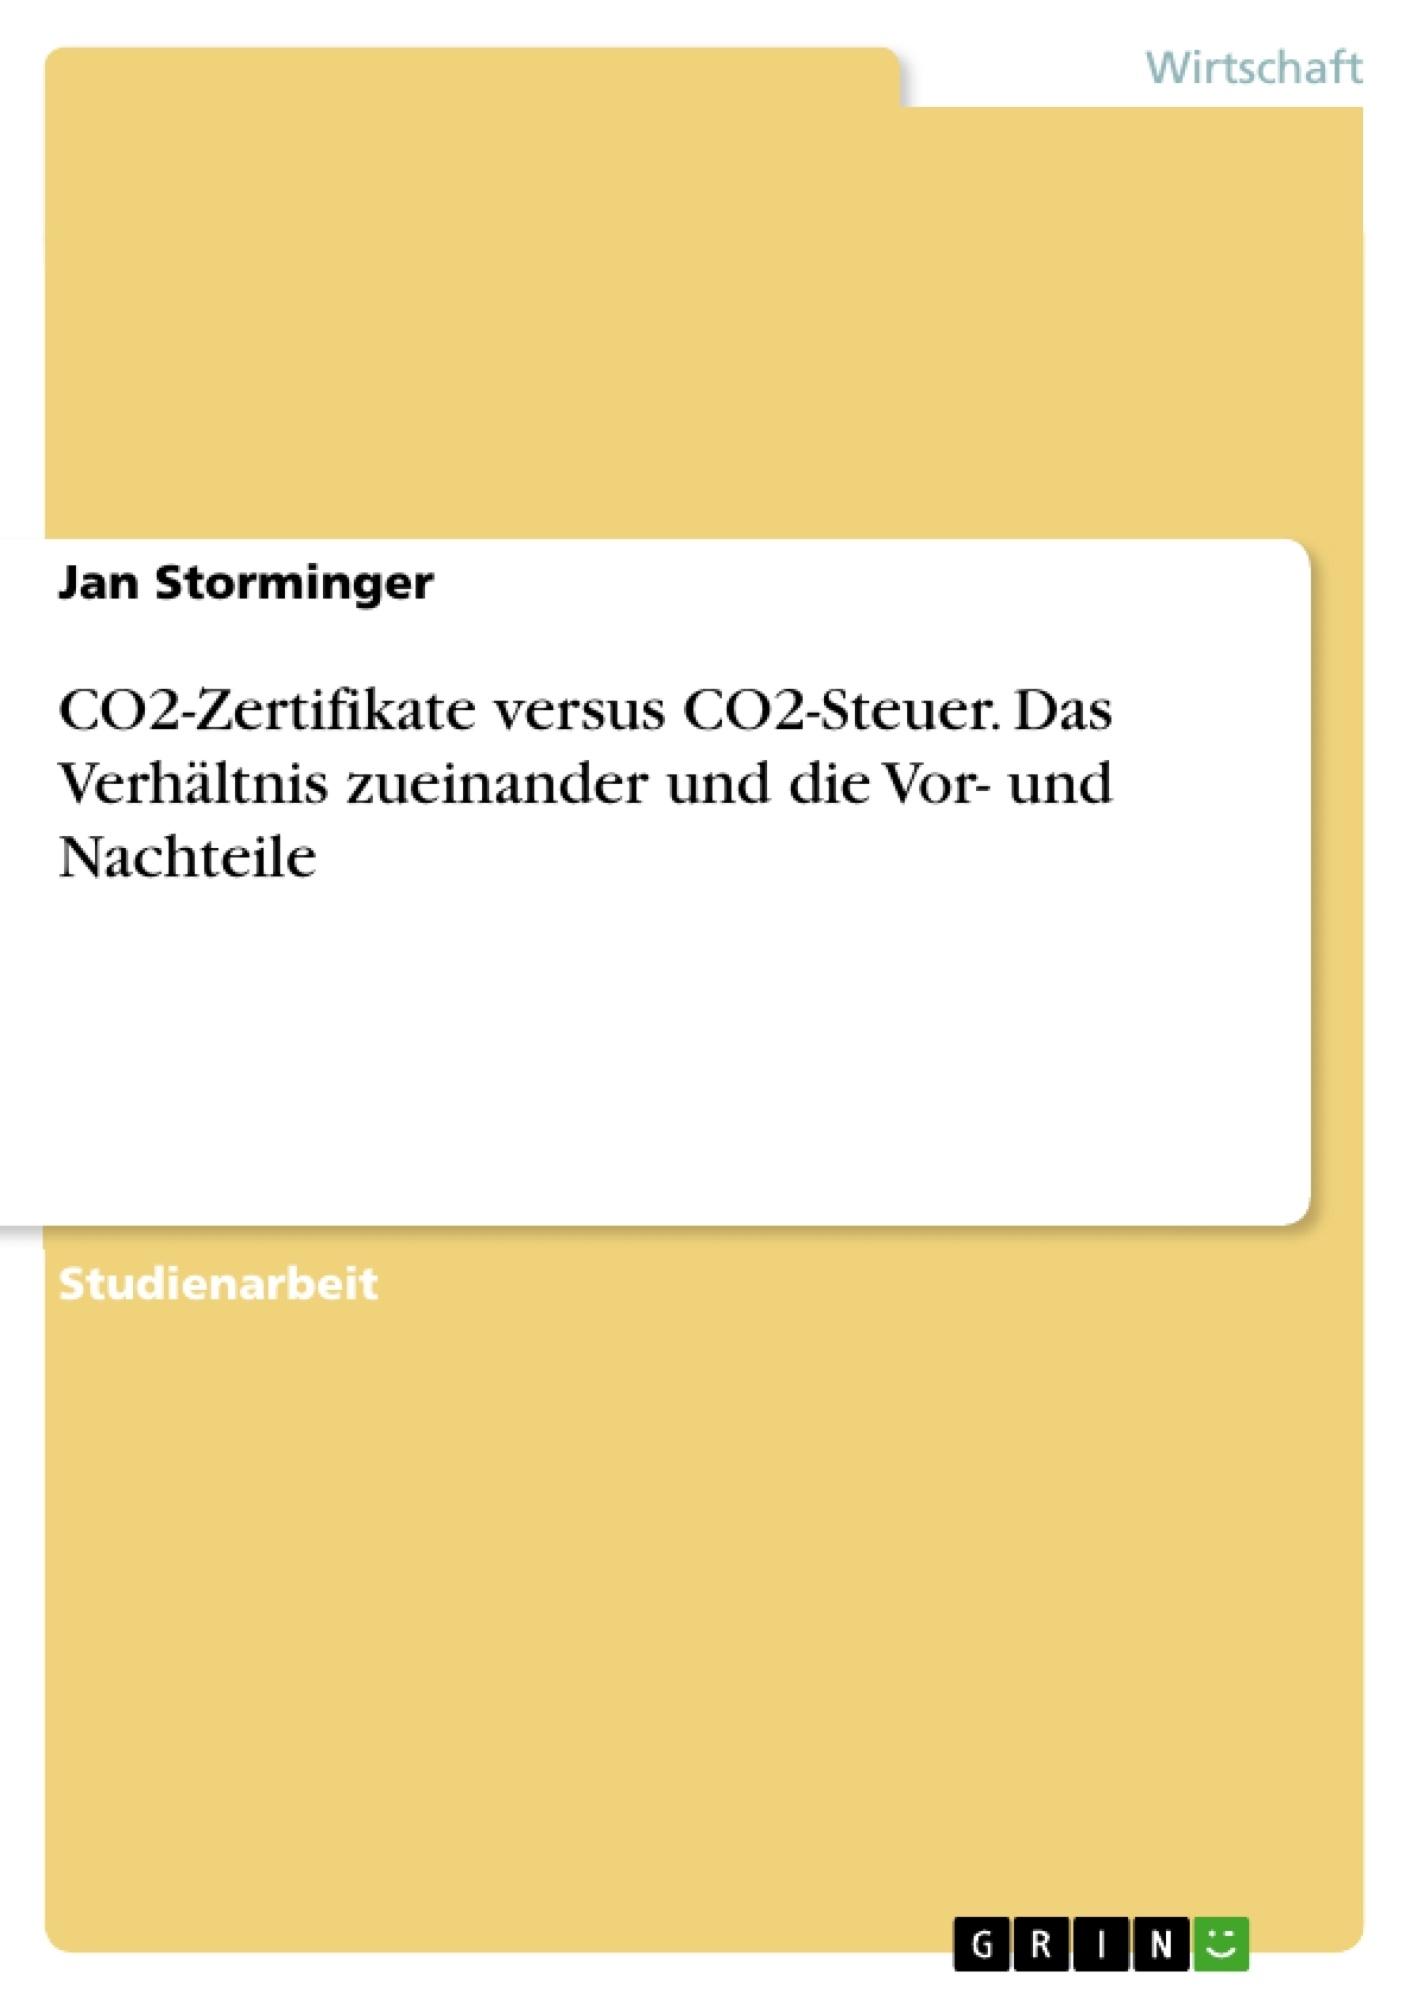 Titel: CO2-Zertifikate versus CO2-Steuer. Das Verhältnis zueinander und die Vor- und Nachteile